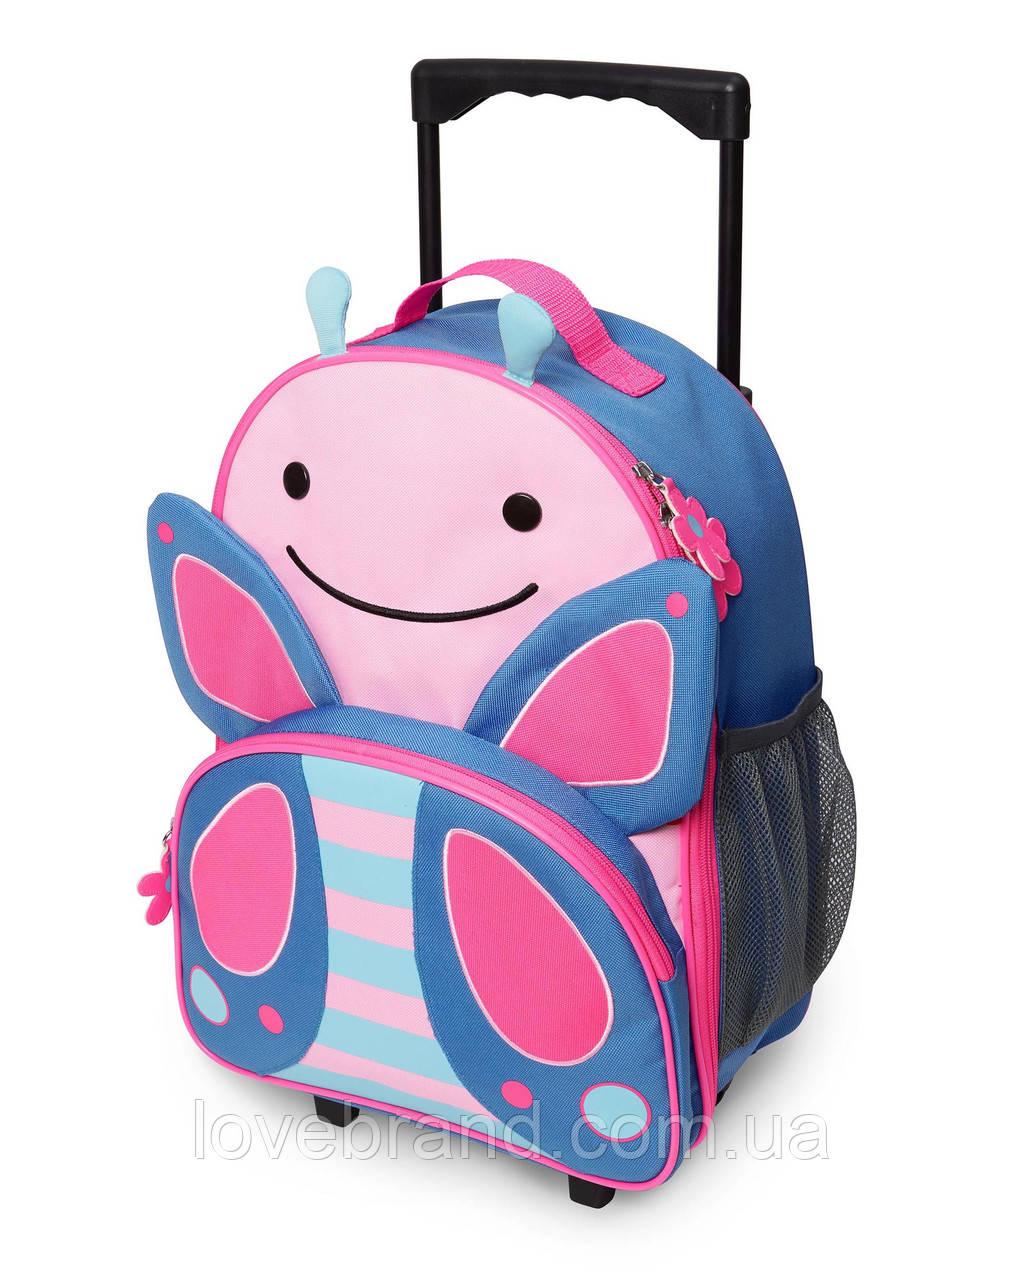 Детский чемодан SkipHop Бабочка для девочки